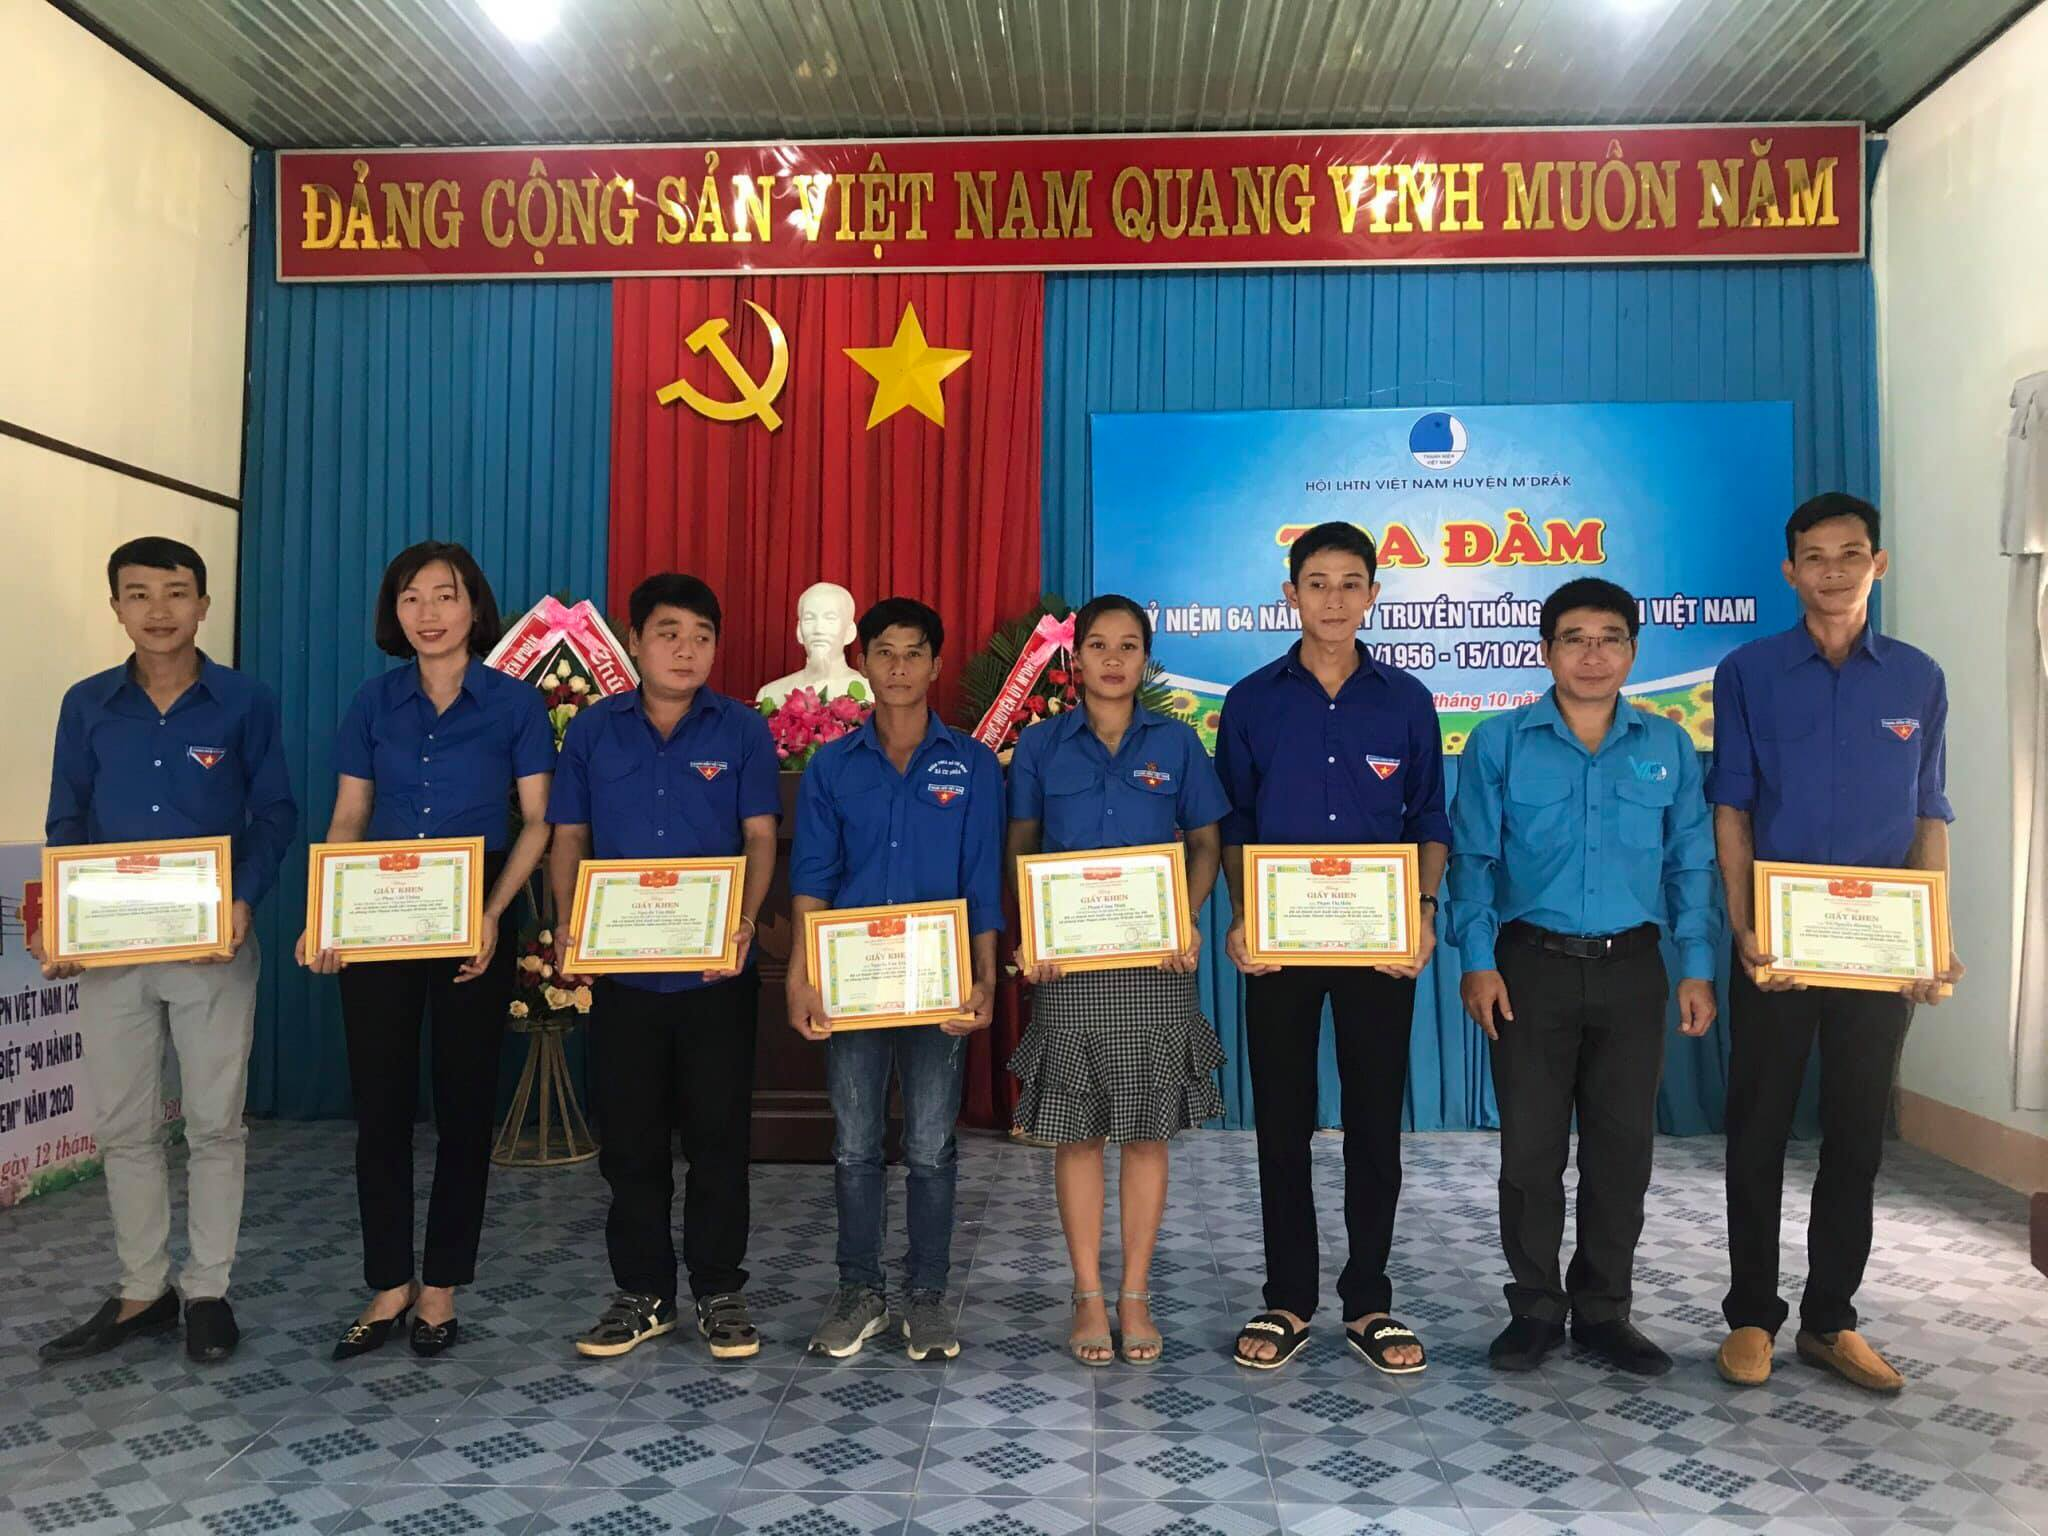 Toạ đàm kỷ niệm 64 năm Ngày truyền thống Hội Liên hiệp Thanh niên Việt Nam (15/10/1956-15/10/2020).